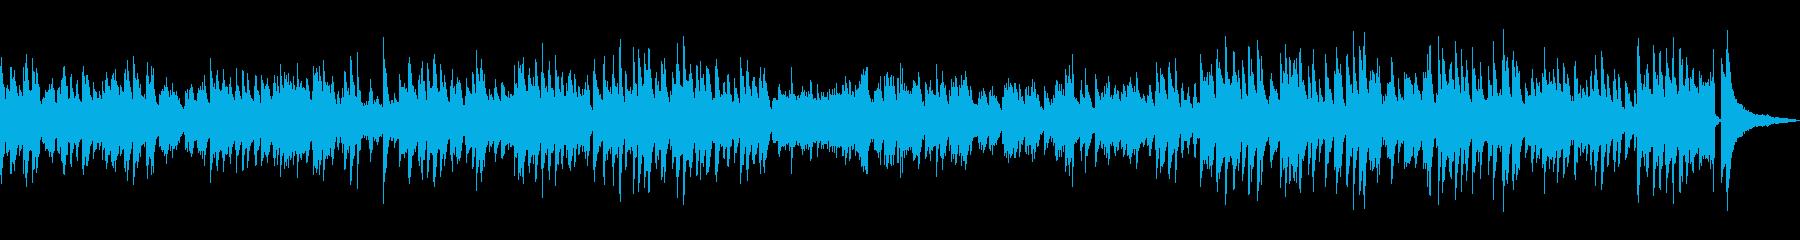 「二人でお茶を」ゆっくりめピアノソロの再生済みの波形